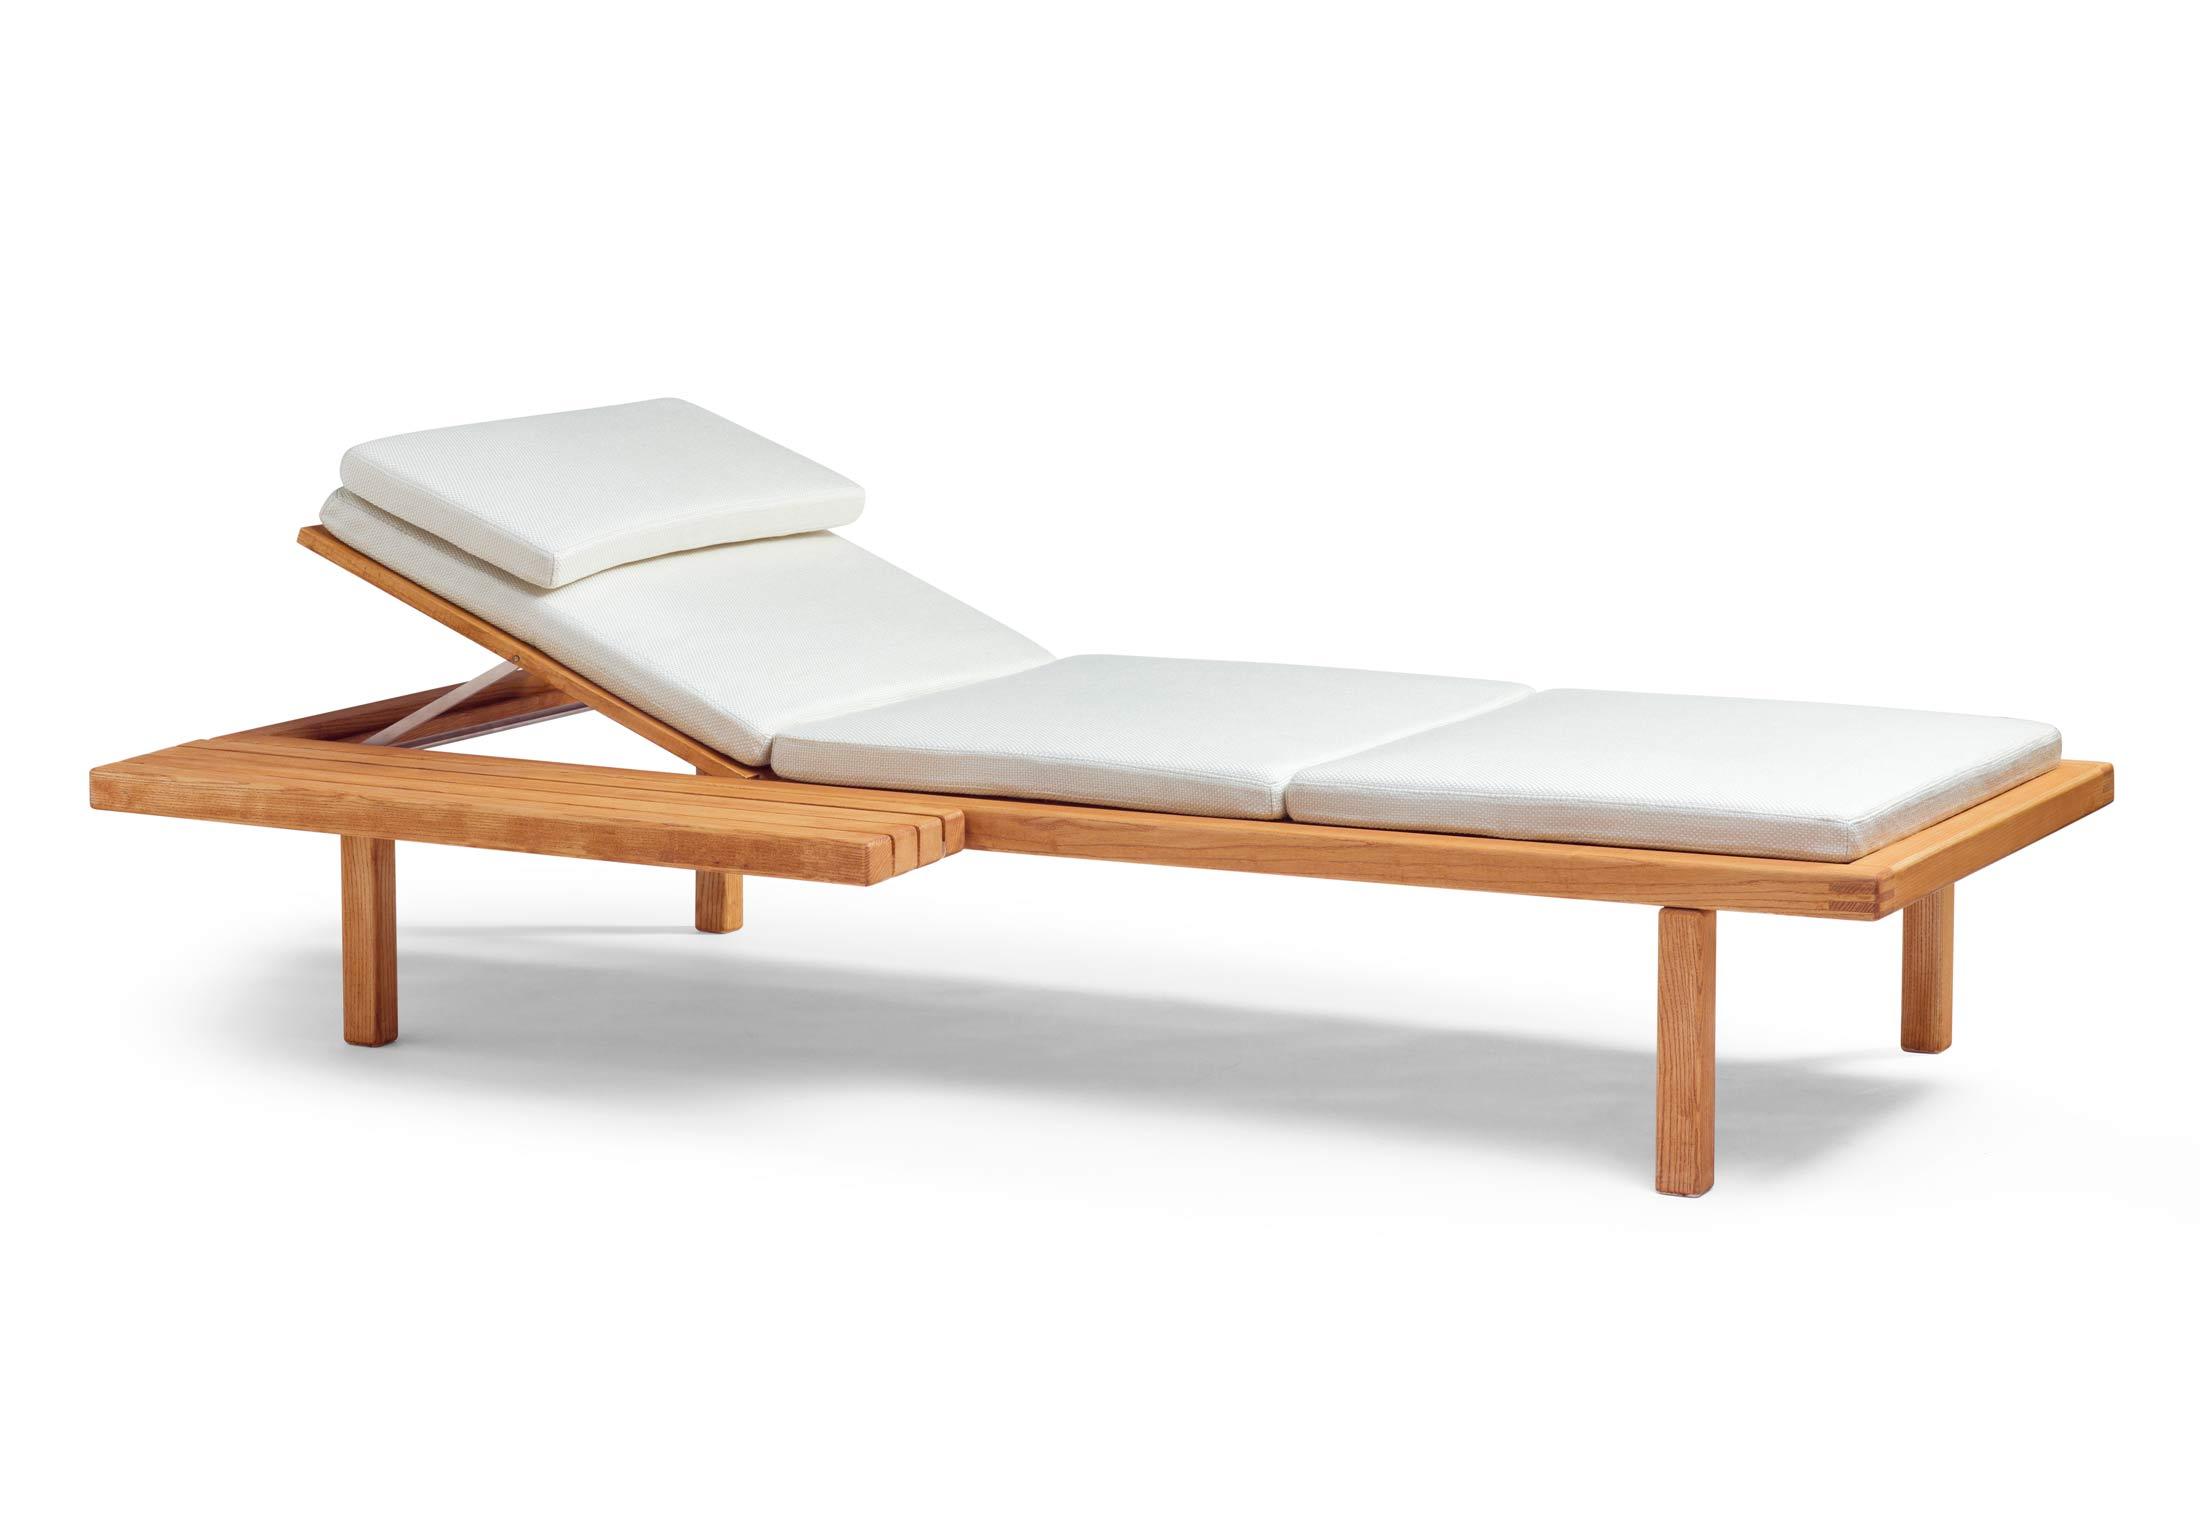 Outdoor Lounge Vis A Vis Möbel Ideen amp Innenarchitektur 4793529 ...